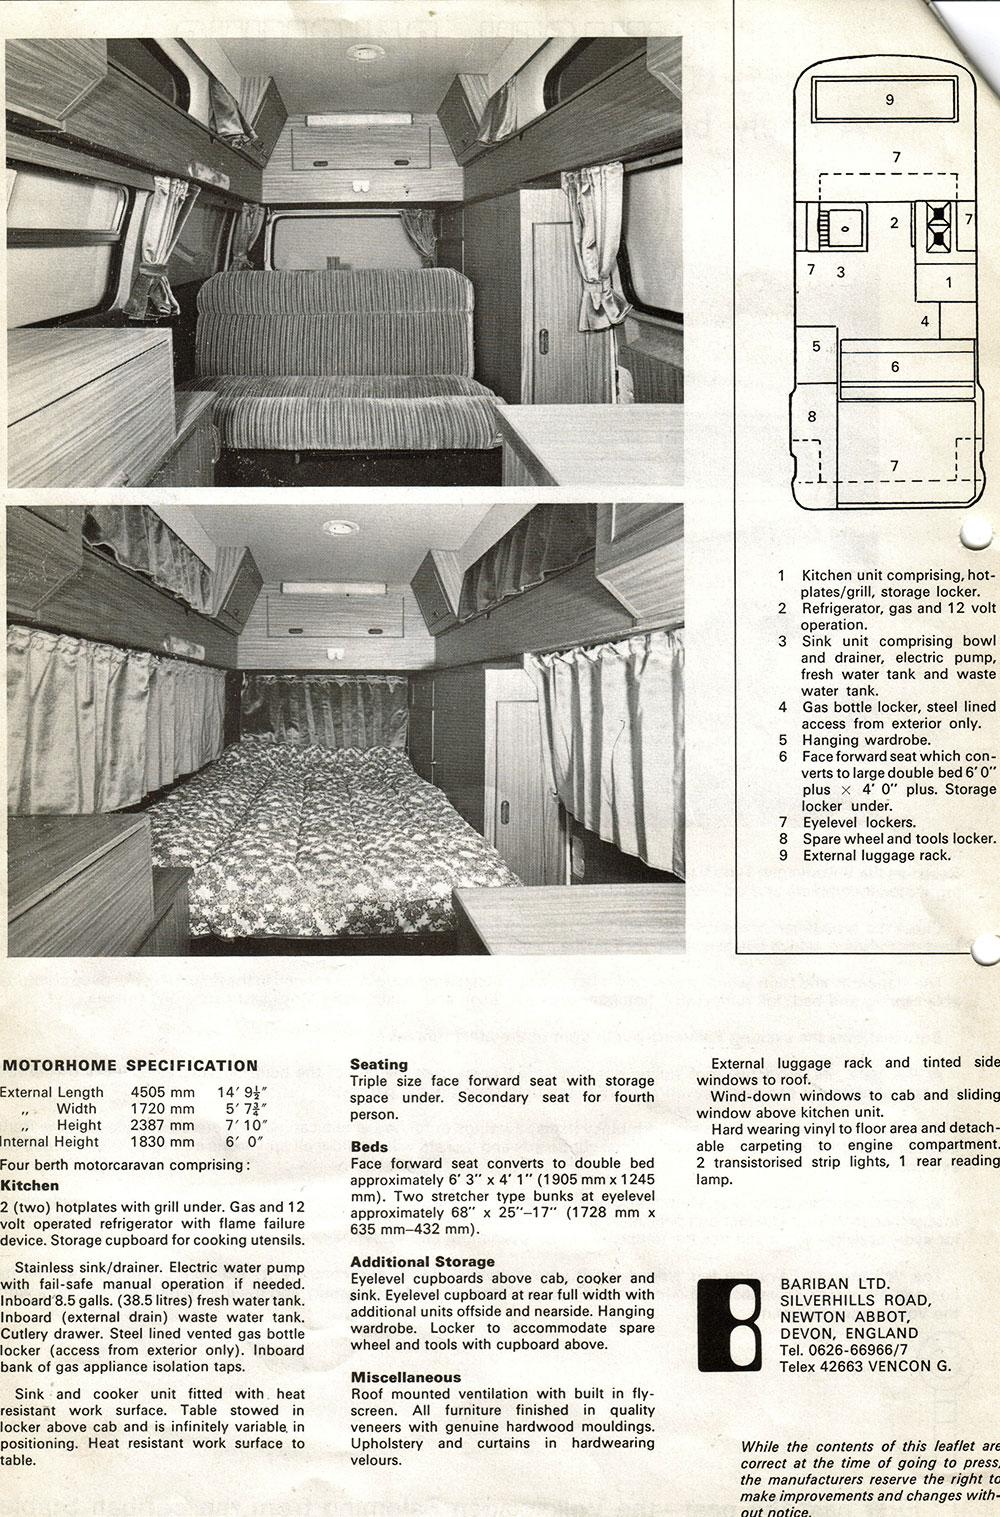 Volkswagen Palomino Advert showing the interior